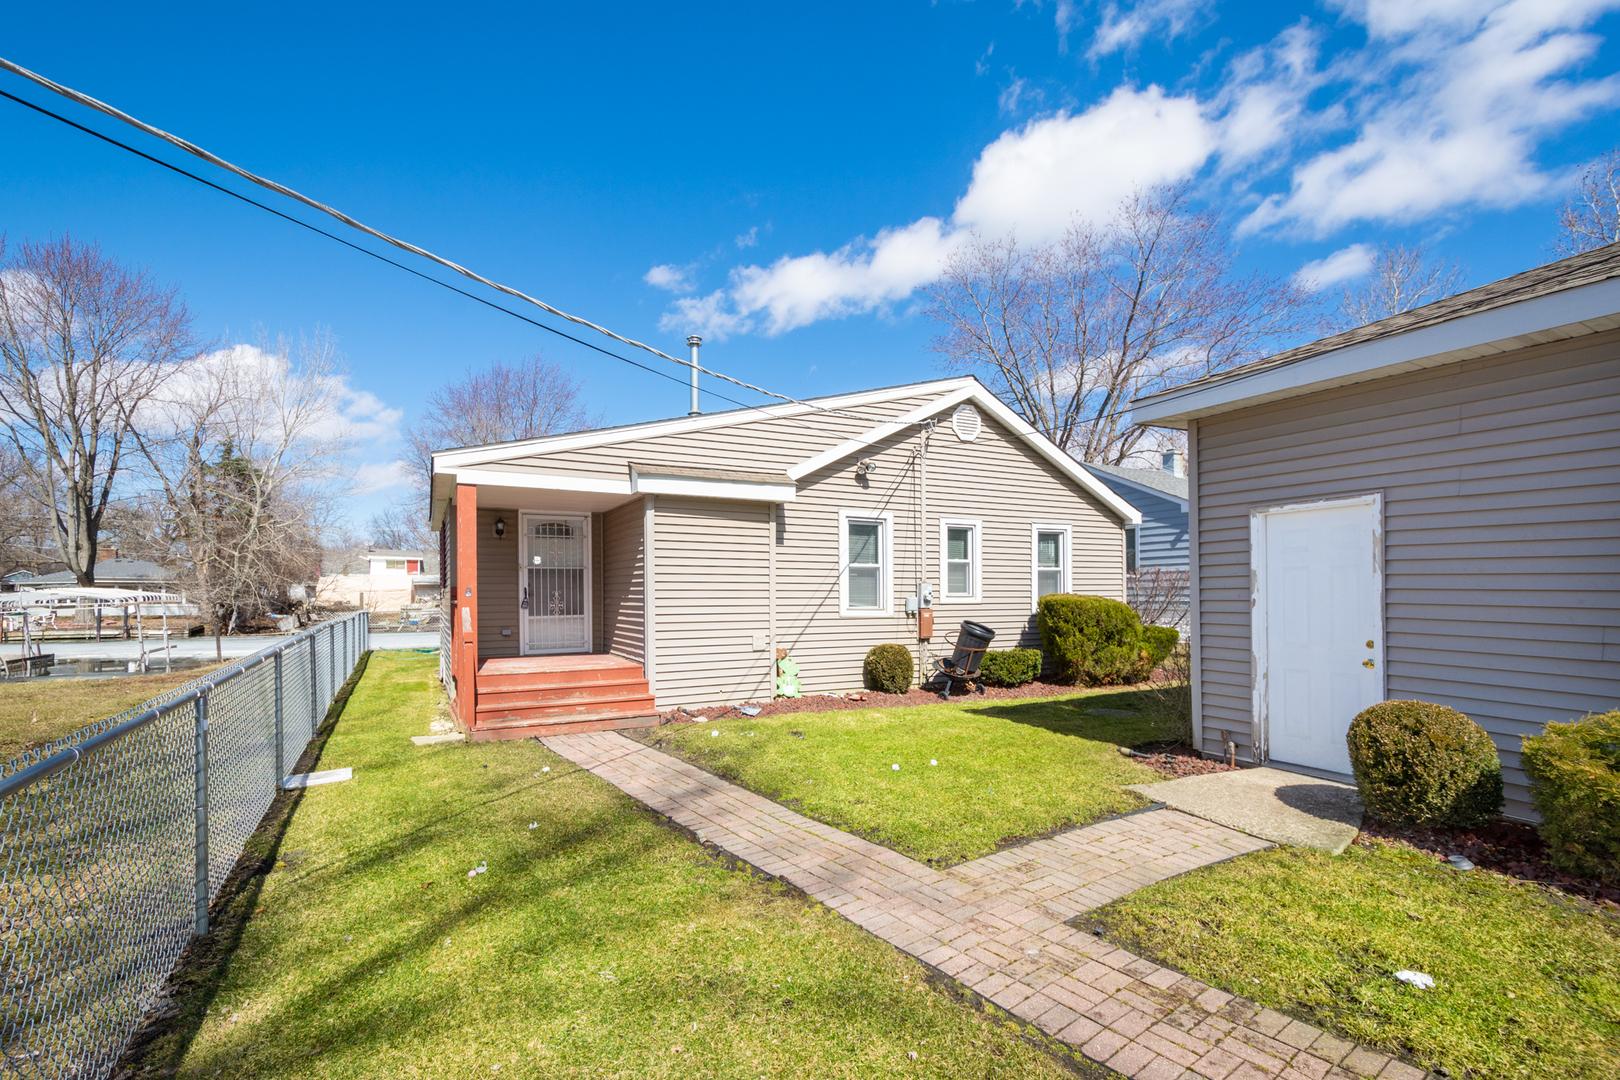 26160 West Mallard, Antioch, Illinois, 60002